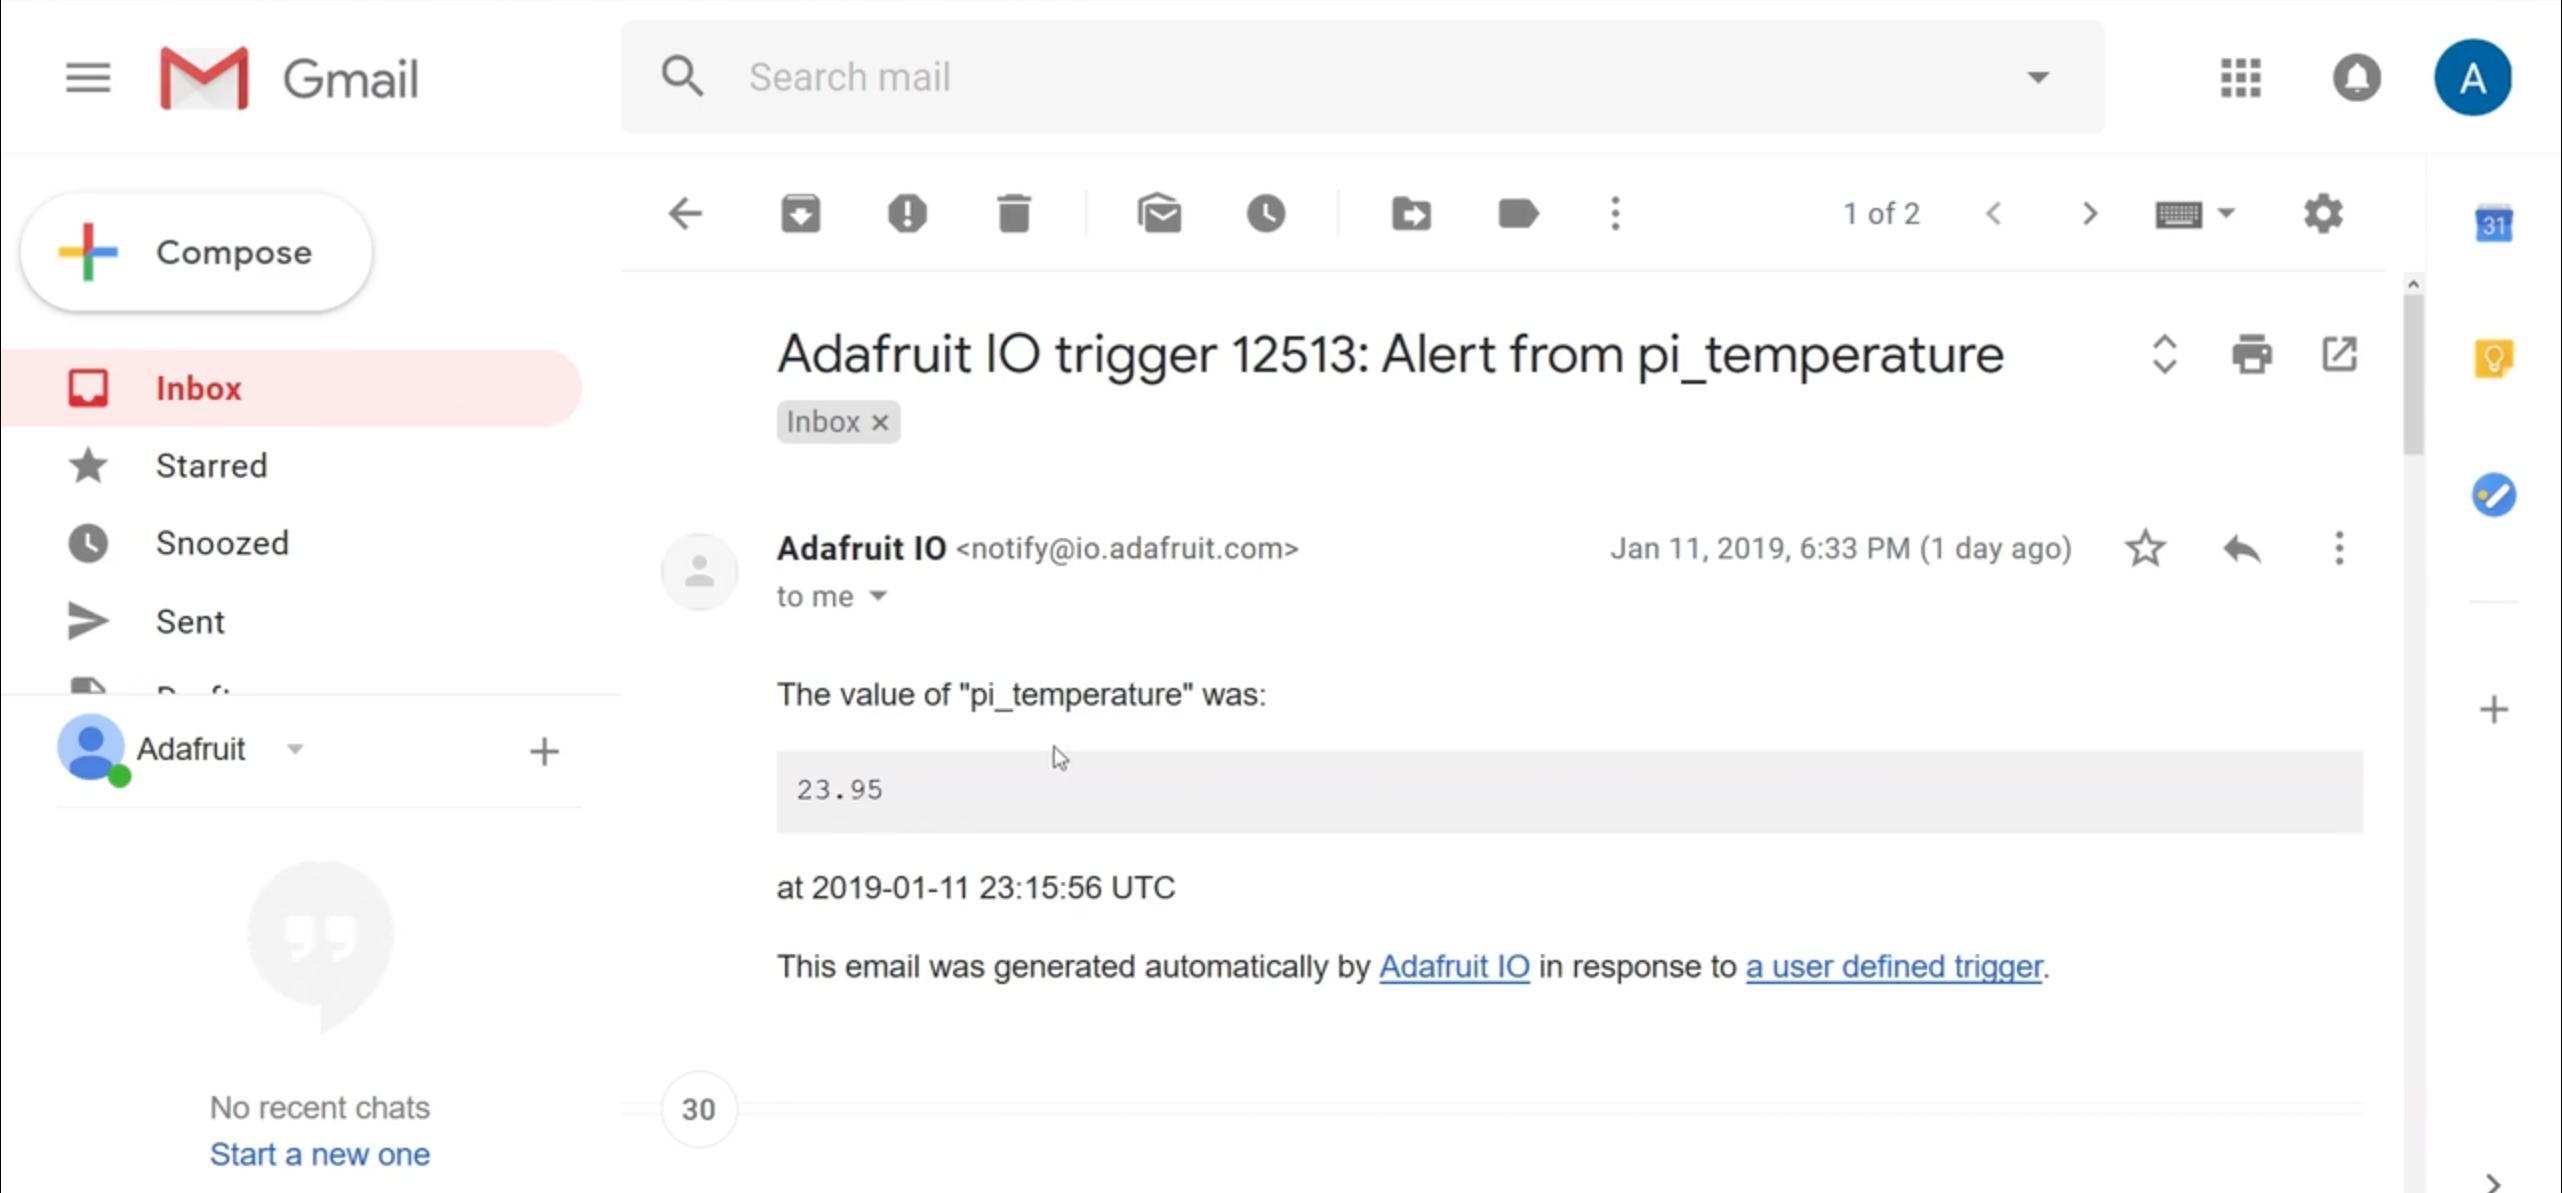 adafruit_io_Screen_Shot_2019-02-25_at_4.30.20_PM.png